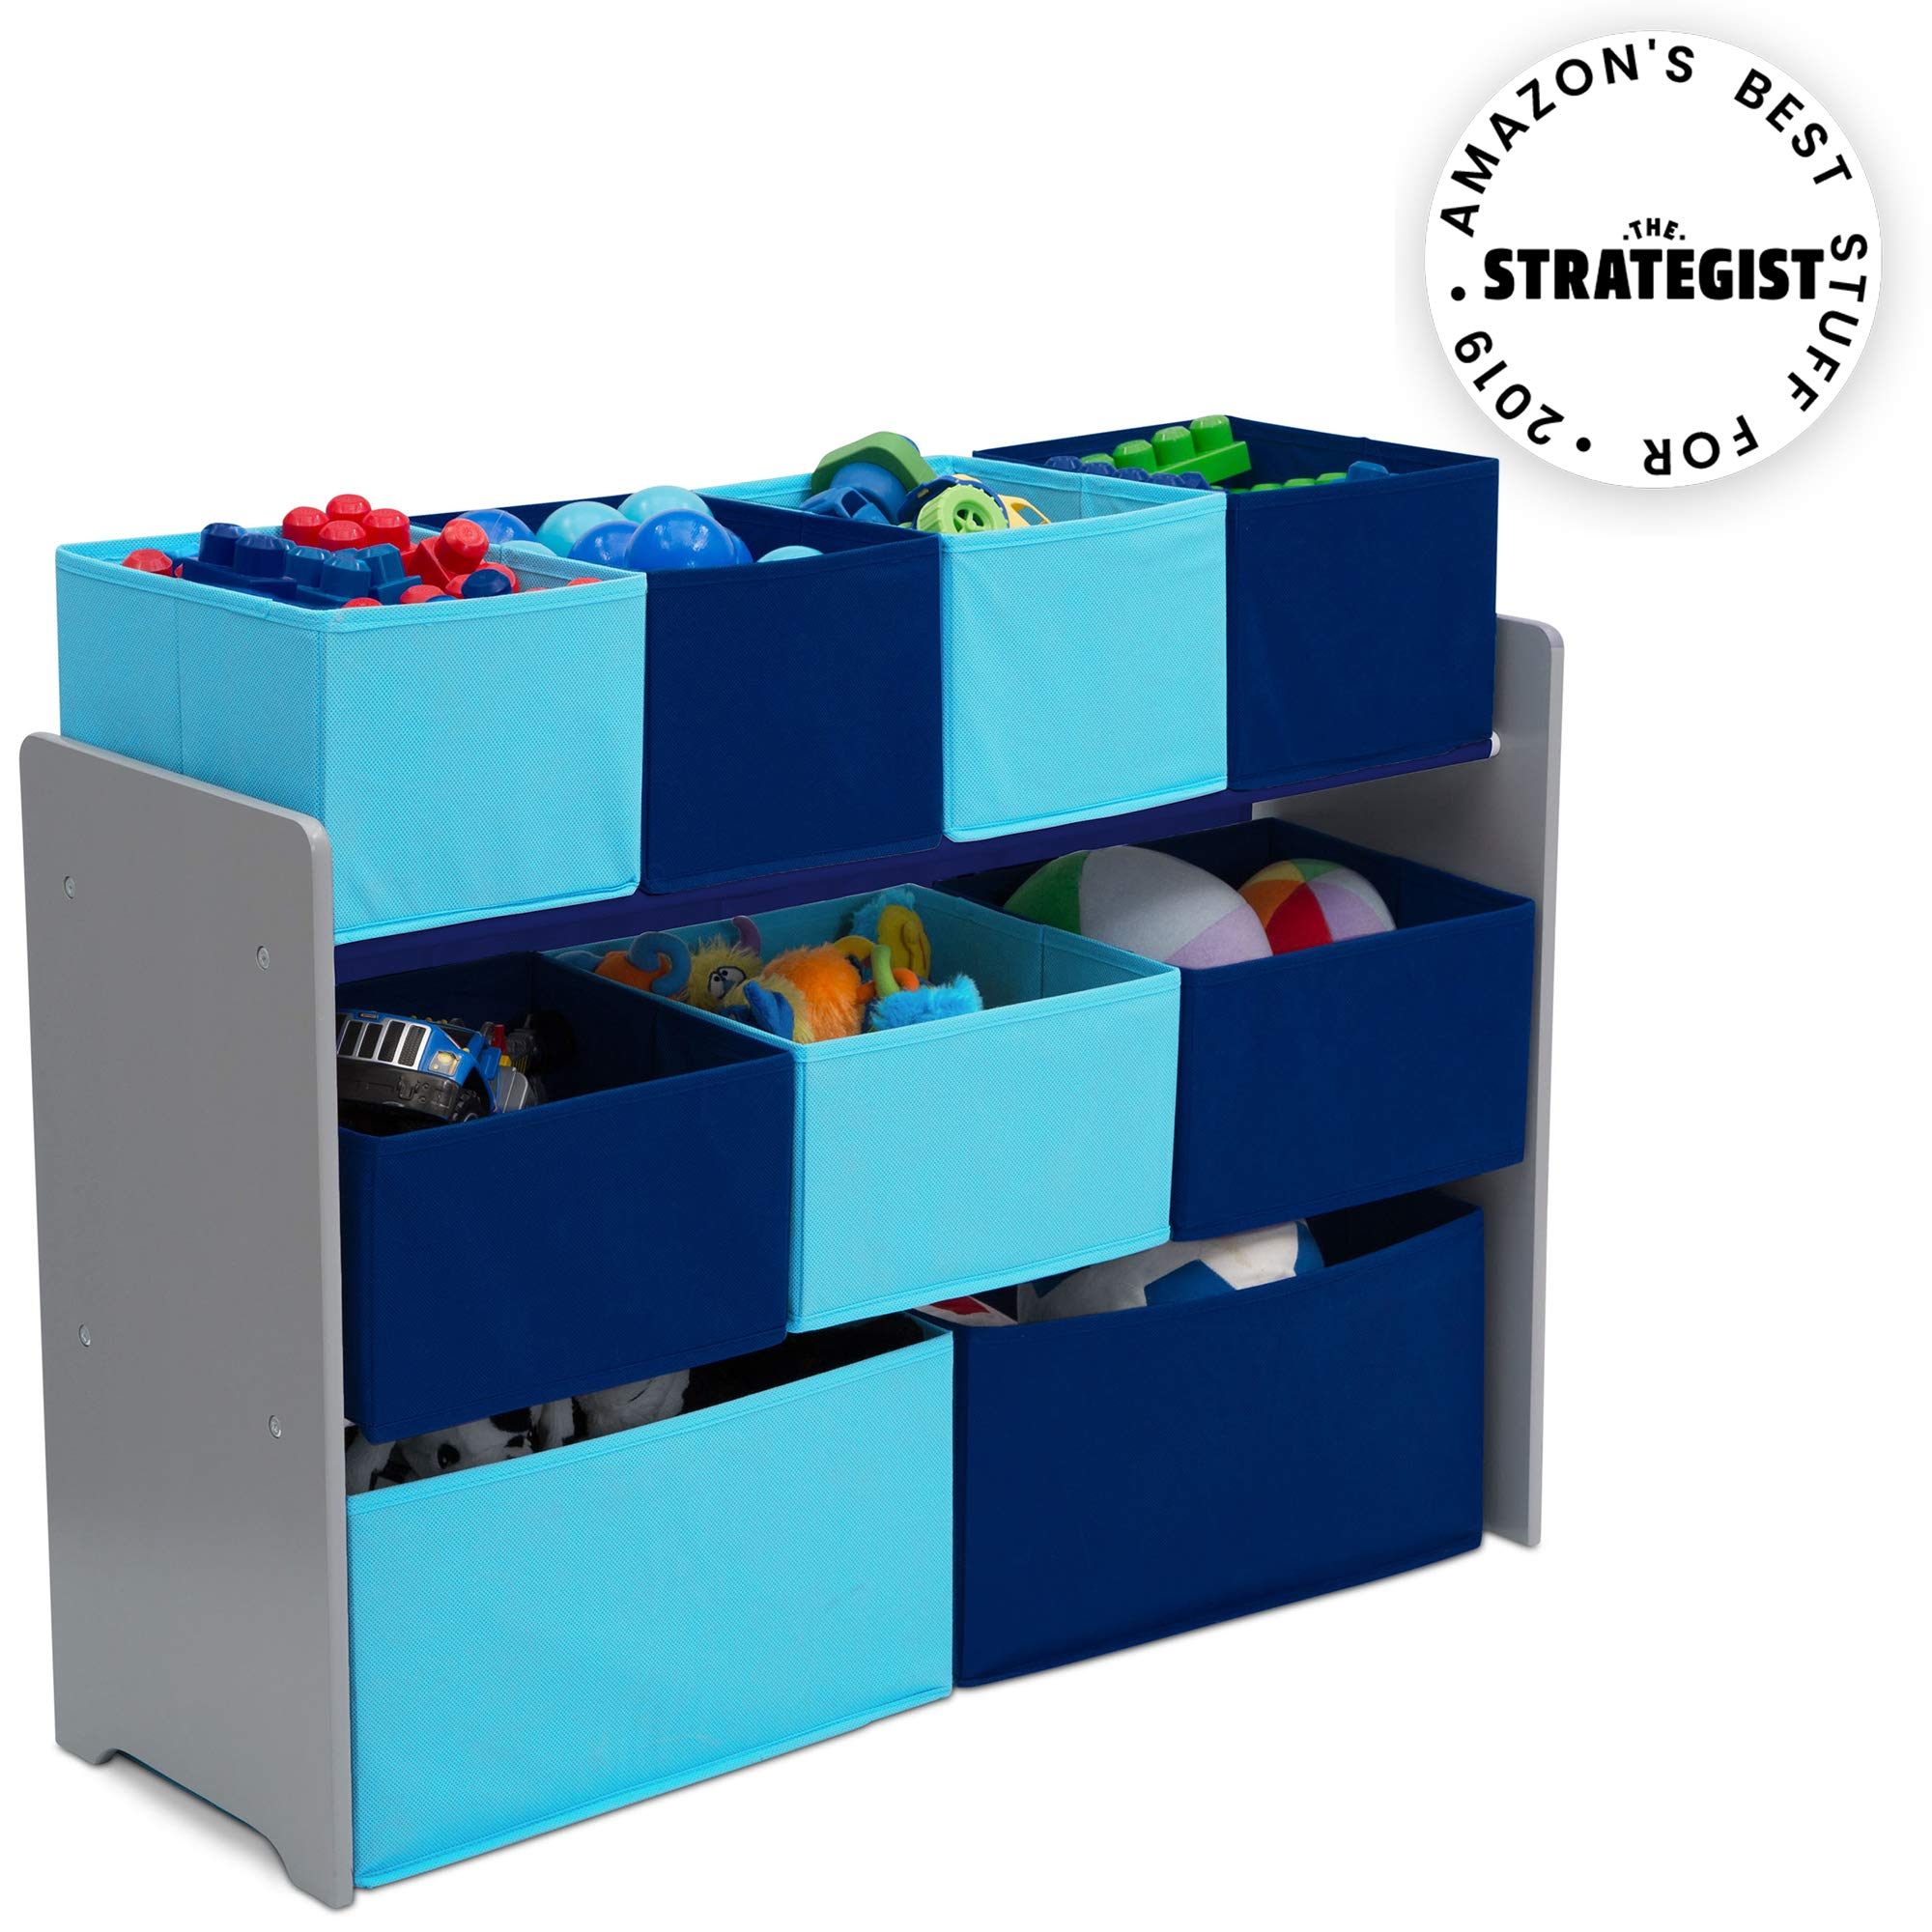 Delta Children Deluxe Multi-Bin Toy Organizer with Storage Bins , Grey/Blue by Delta Children